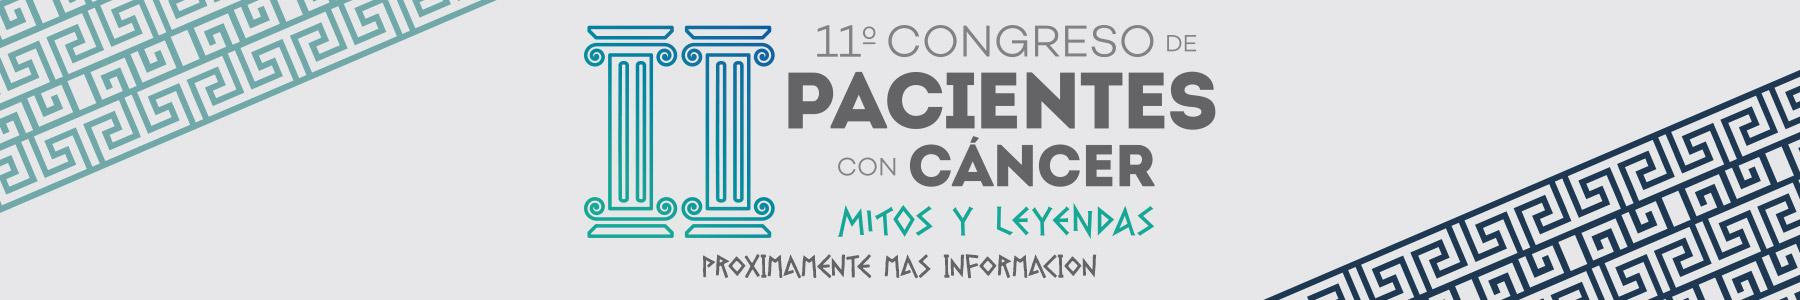 cabecera-web-aeal-11-congreso-gepac-2016